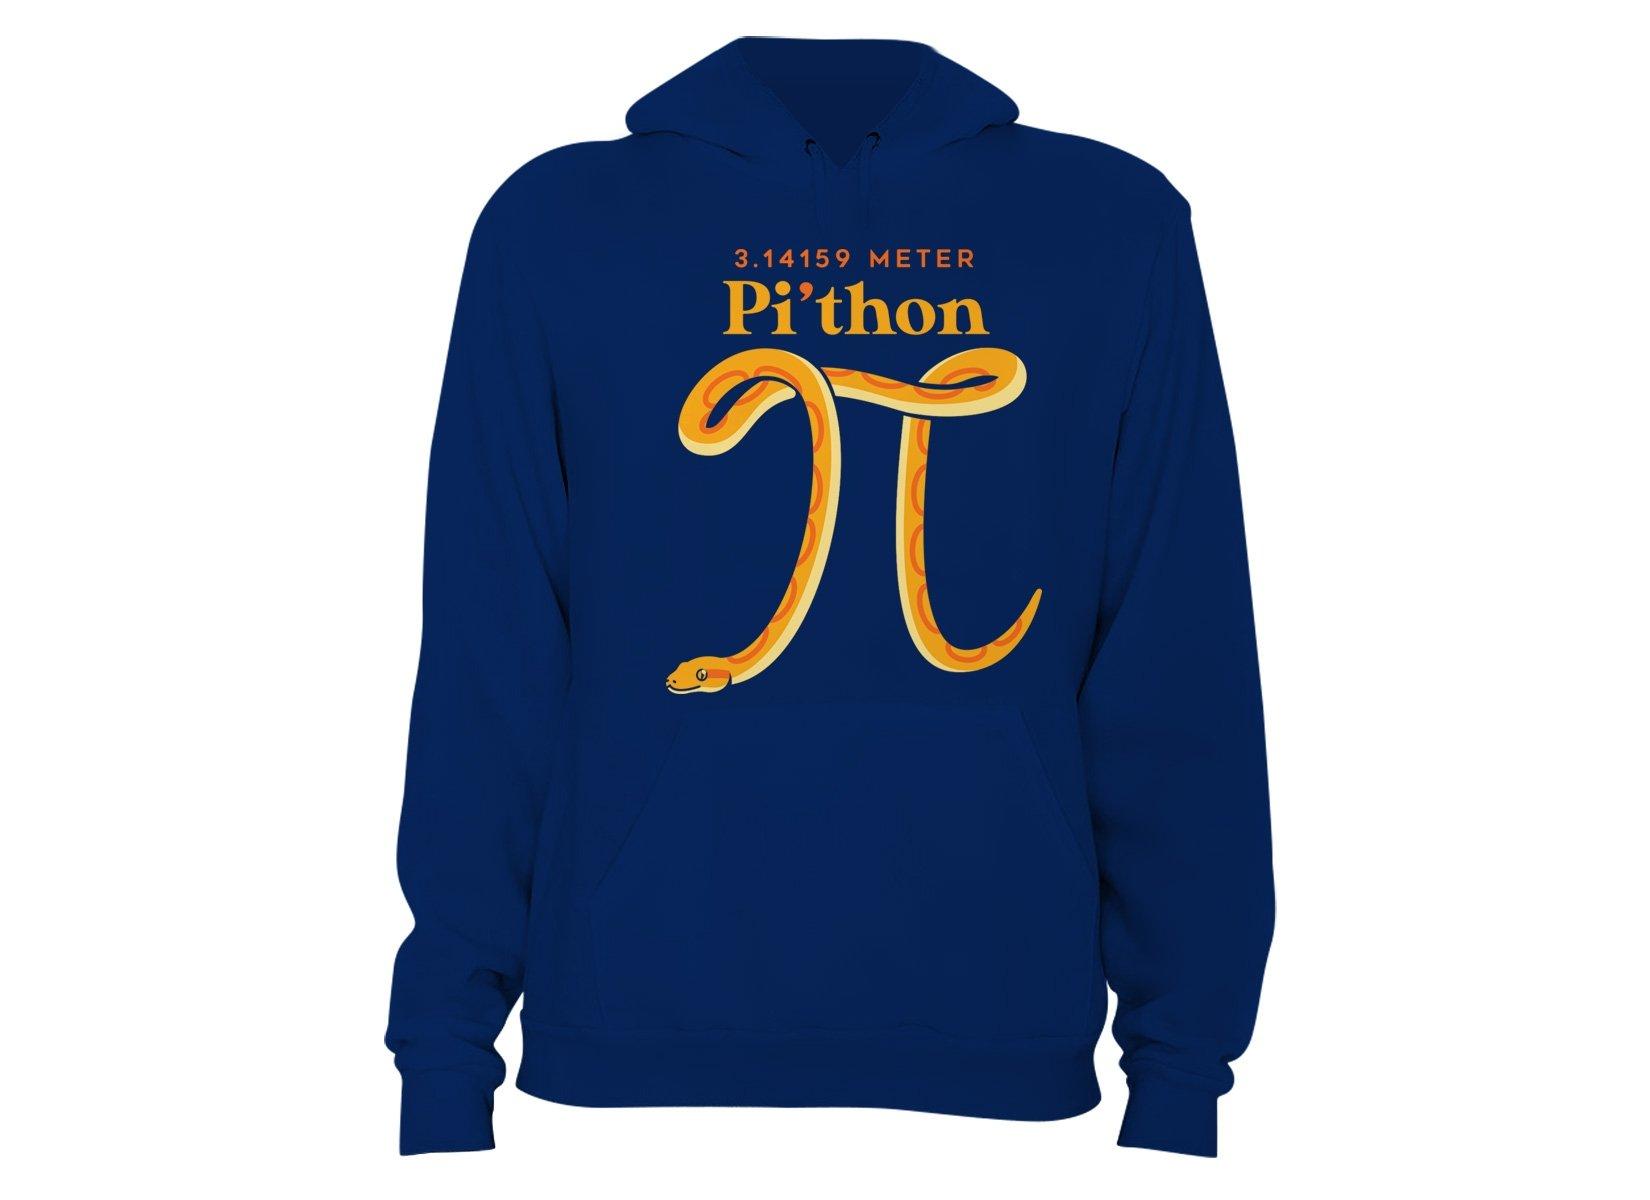 Pi-thon on Hoodie